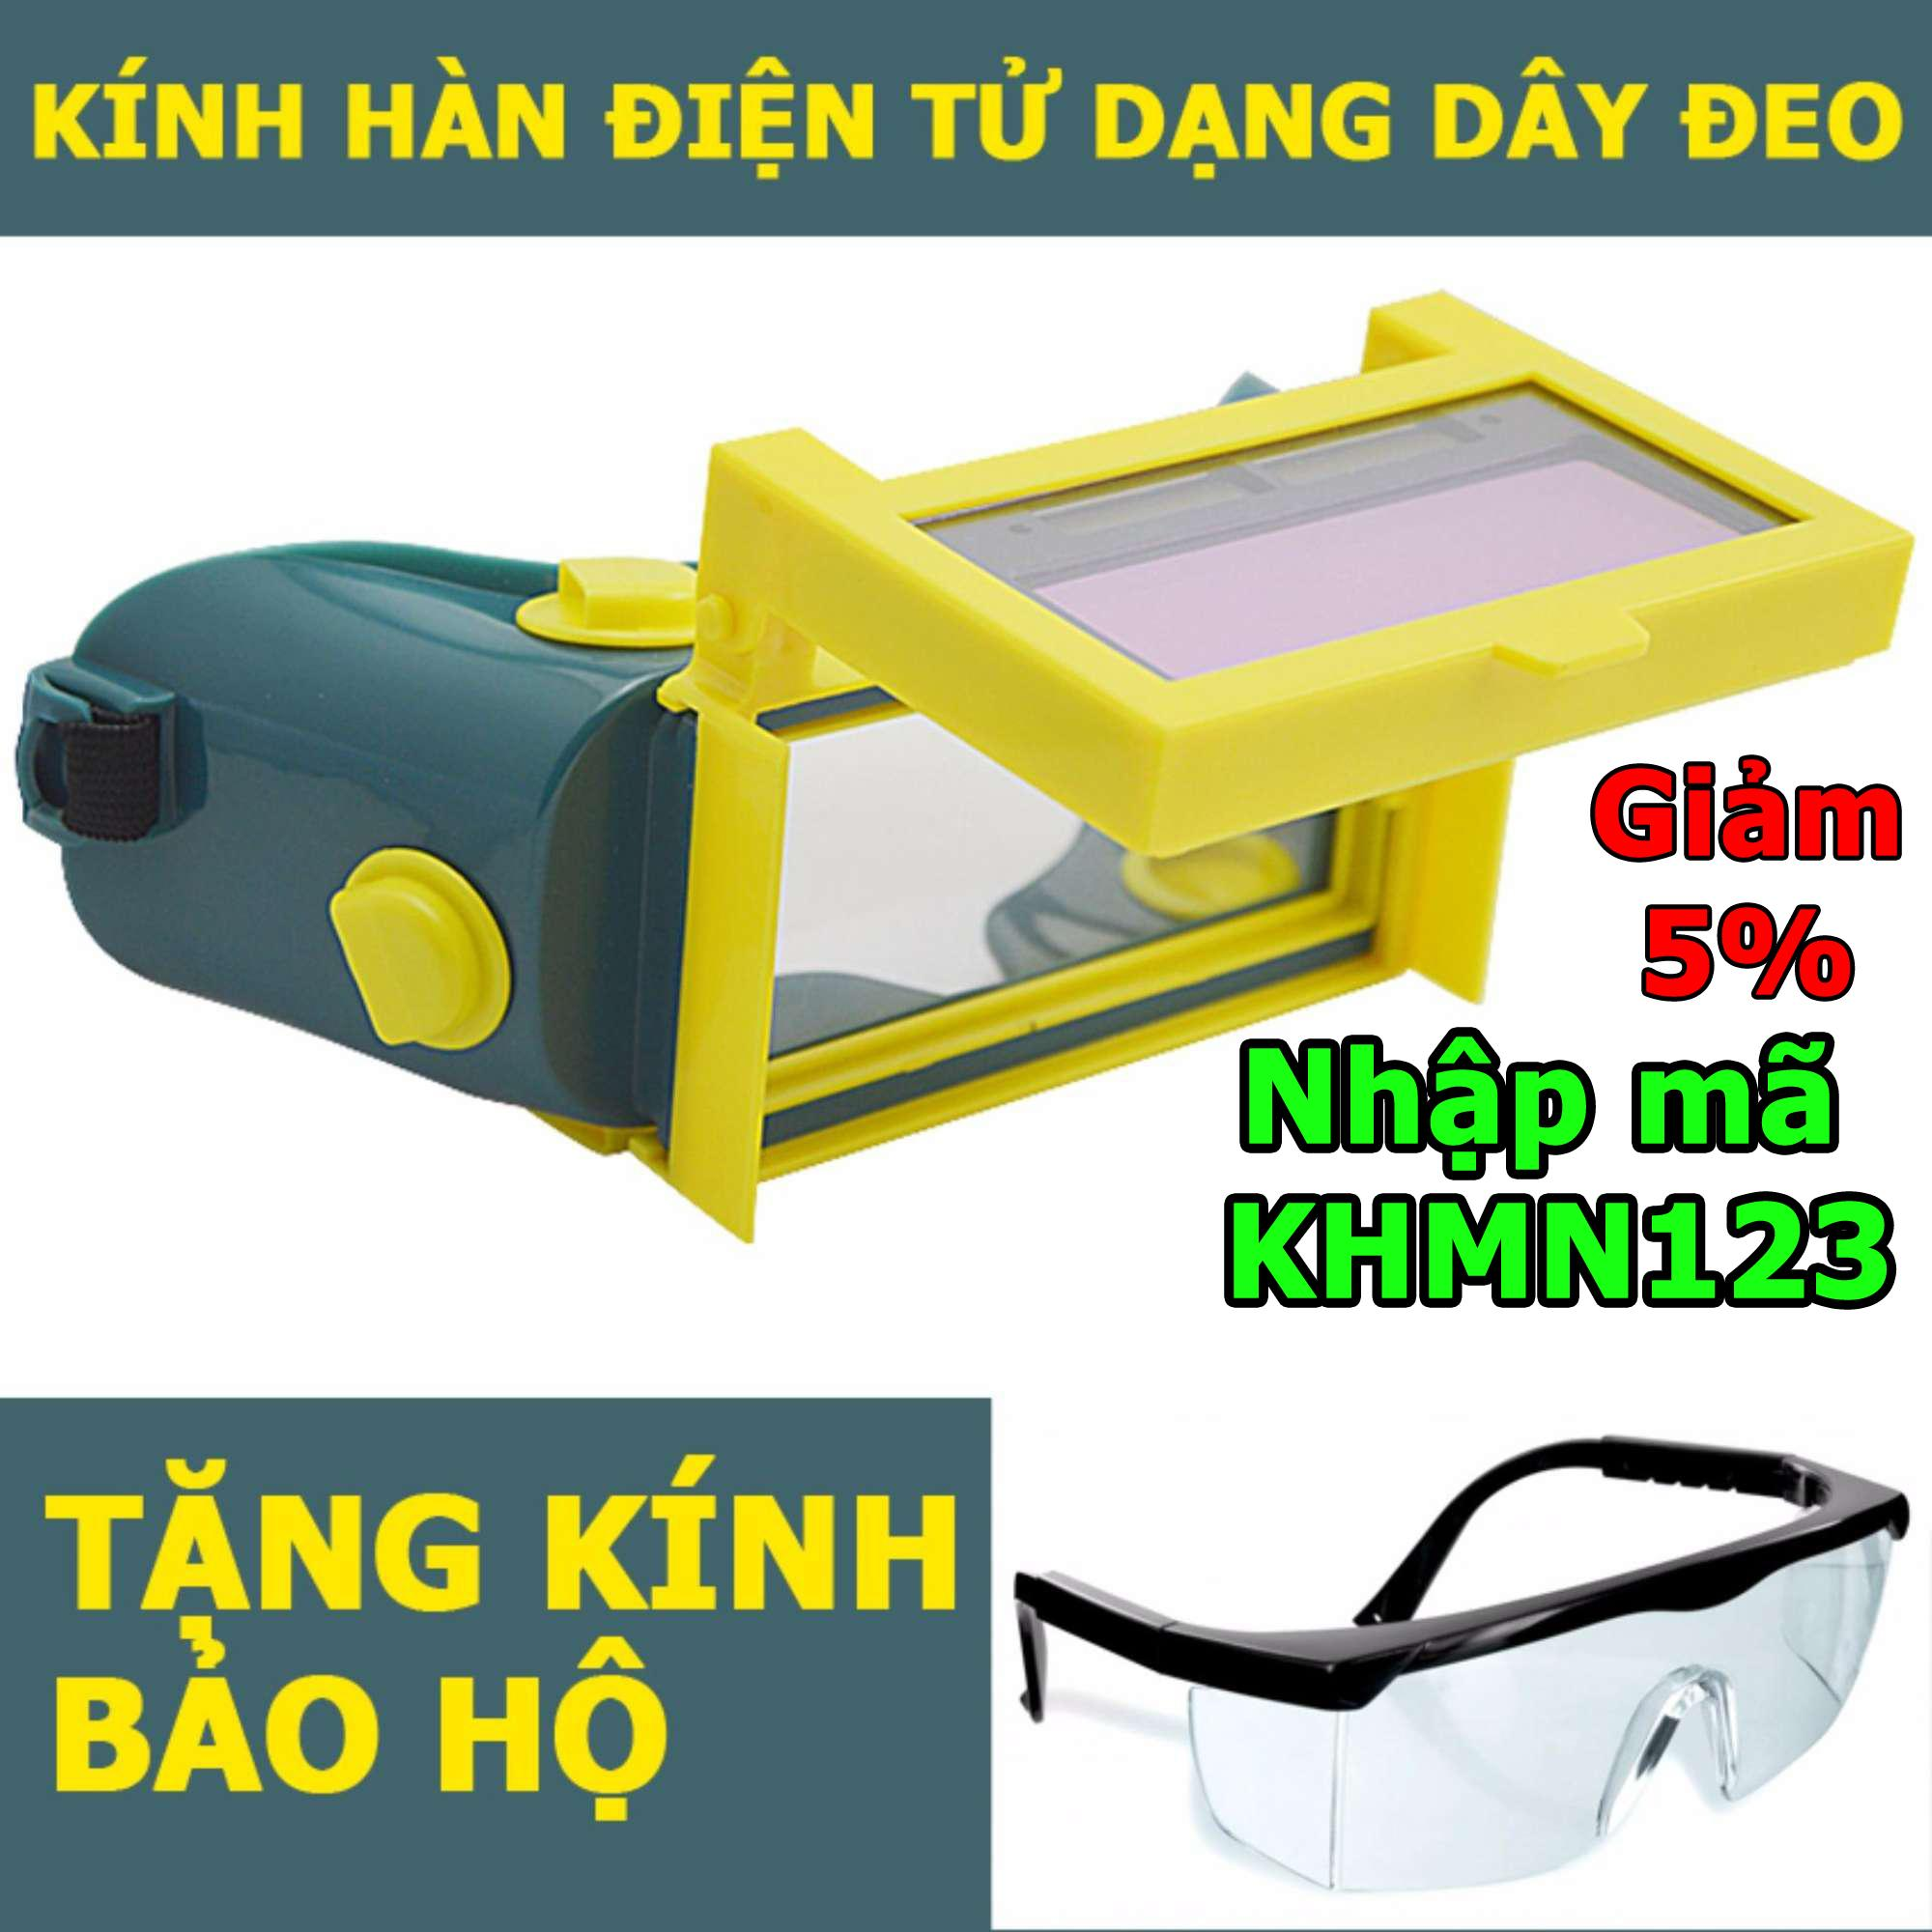 Giá Bán Kinh Han Điện Tử Tự Động Cảm Biến Anh Sang Kh02 Tặng Kinh Bảo Hộ Rẻ